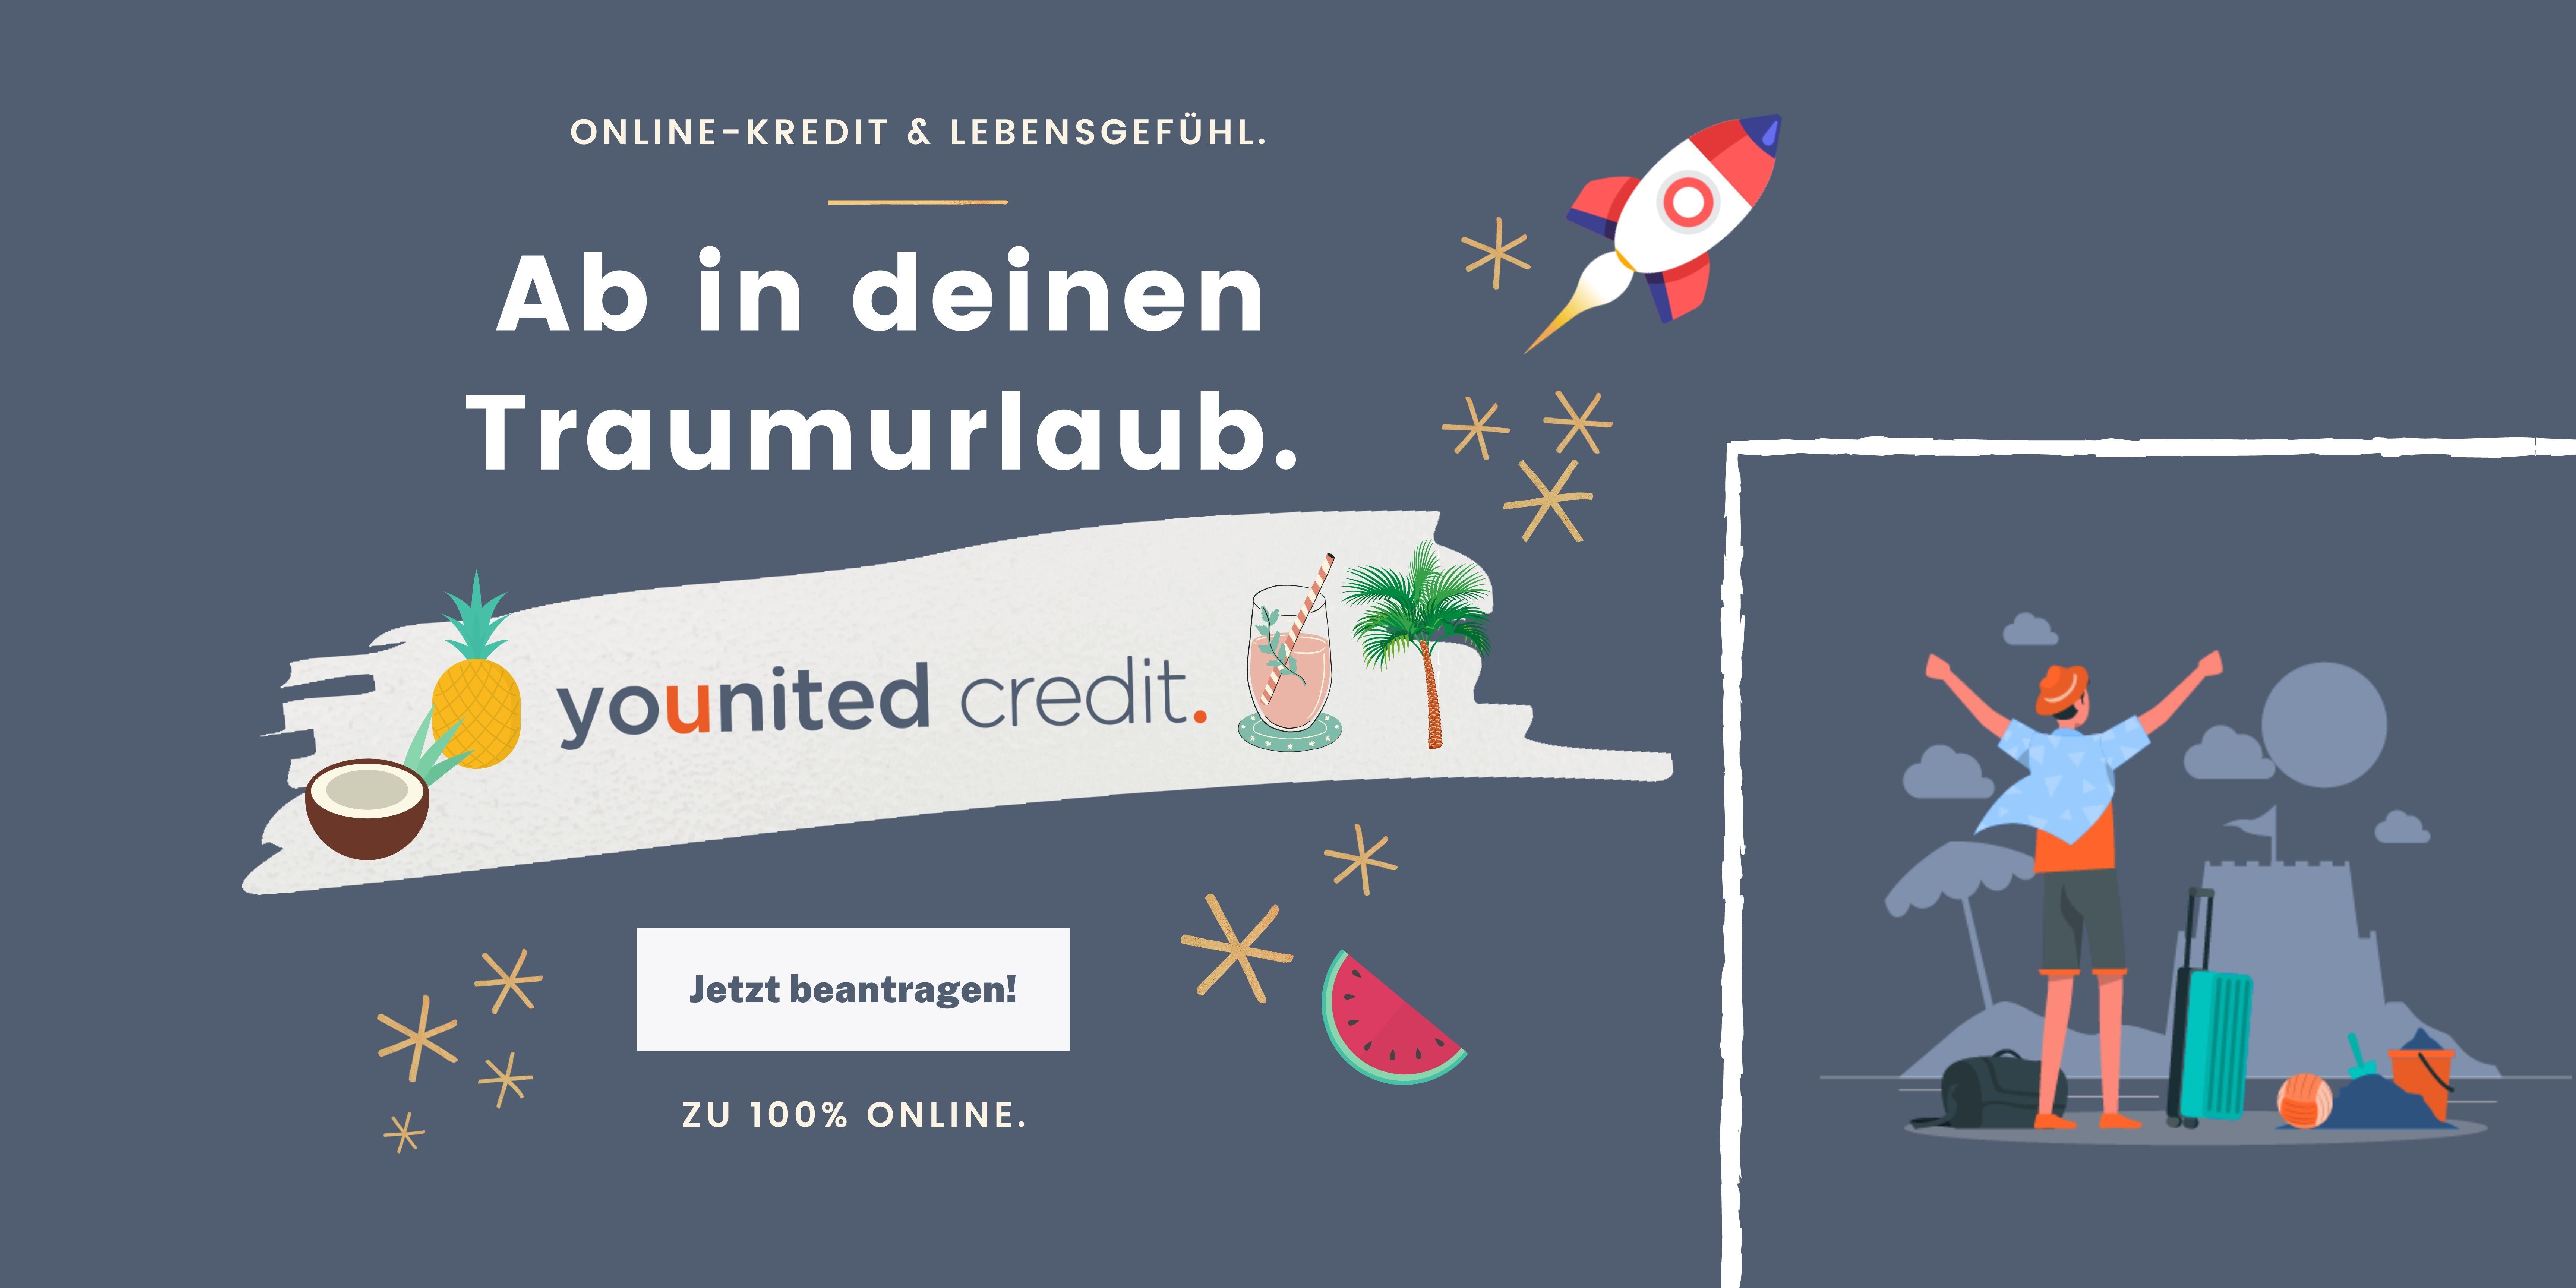 Urlaubskredit - United Credit